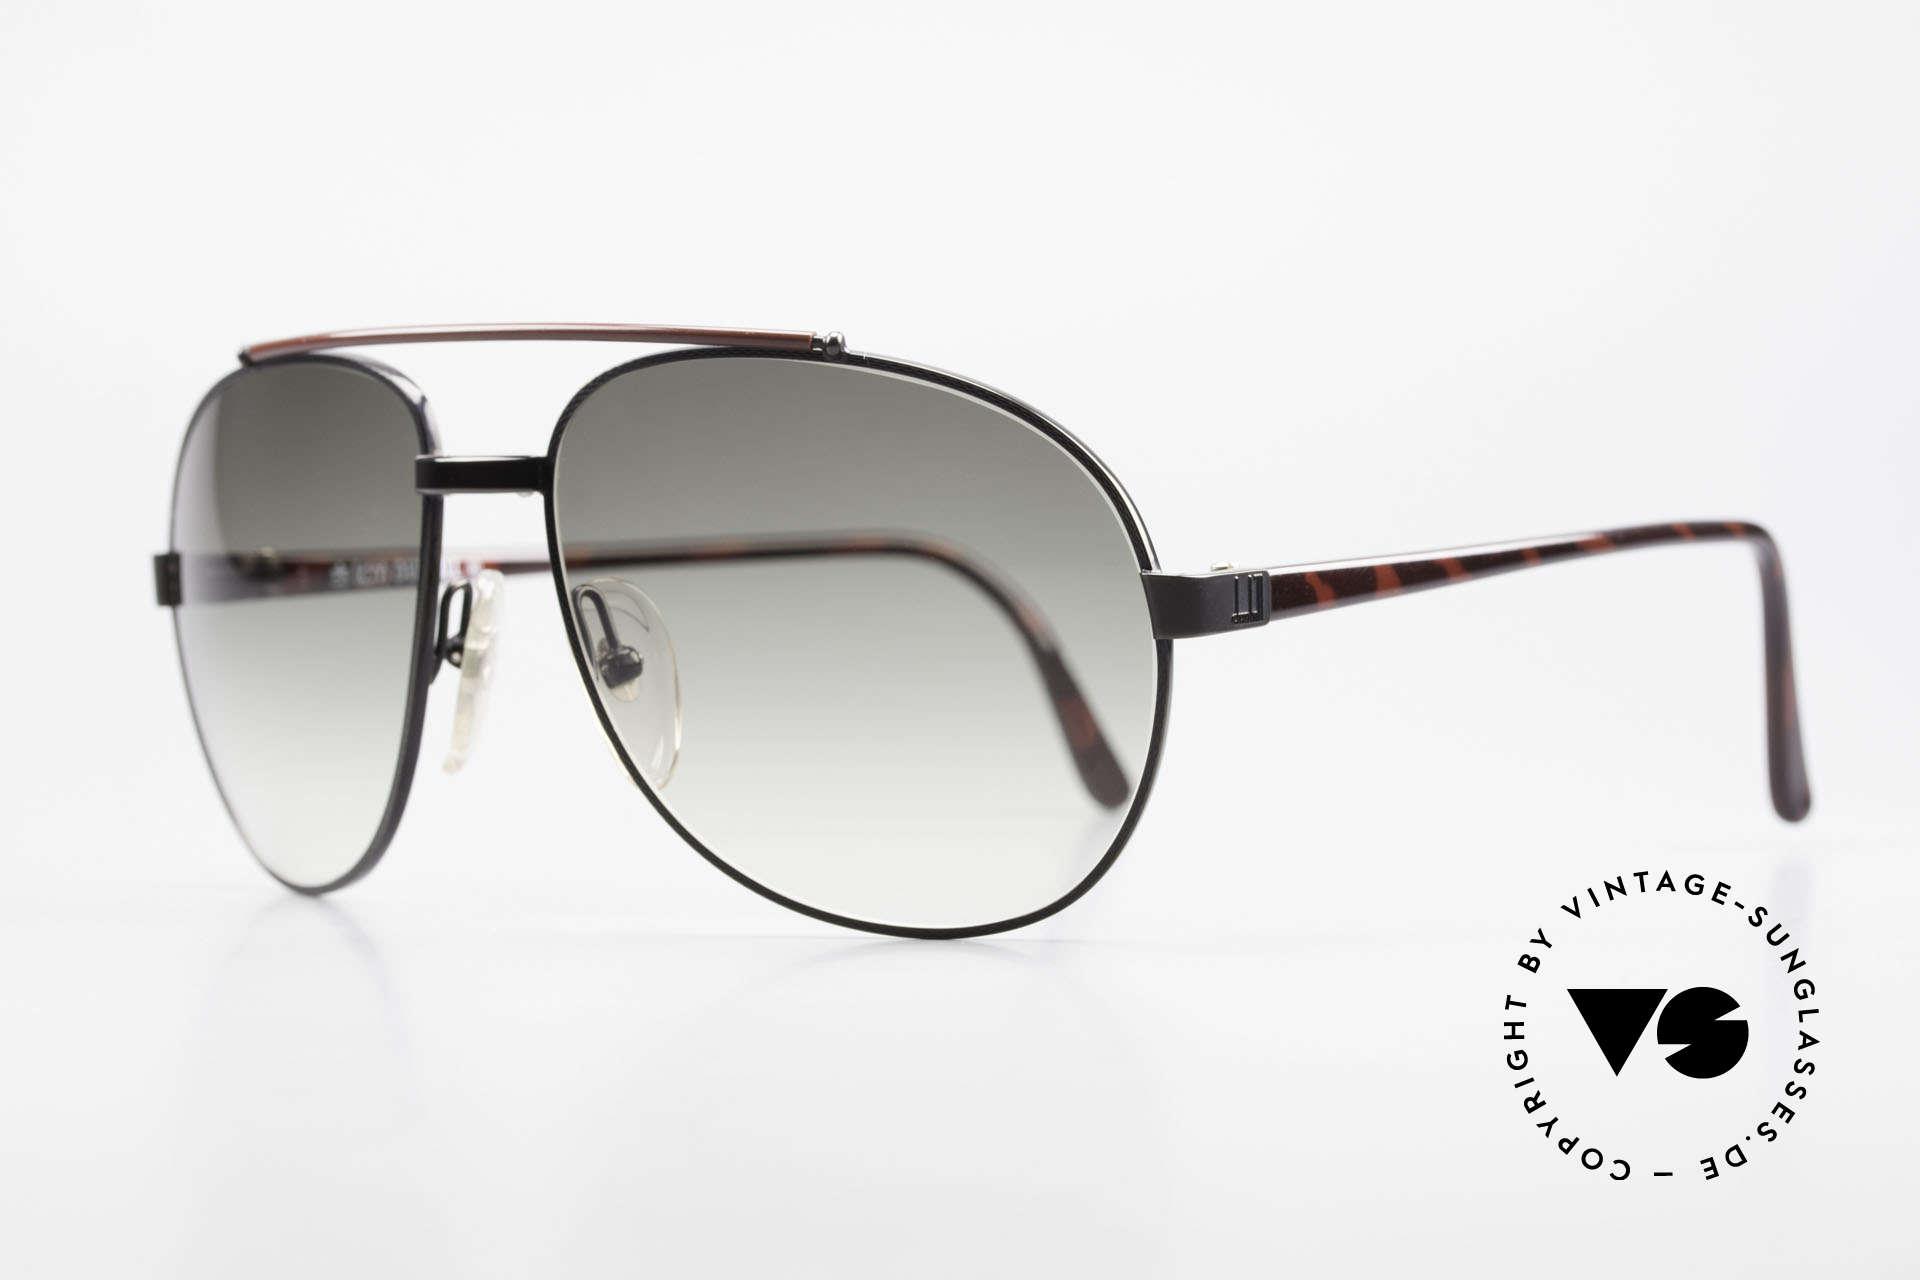 Dunhill 6070 90er Luxus Herren Sonnenbrille, schwarz-verchromt mit bordeaux-schildpatt, Passend für Herren